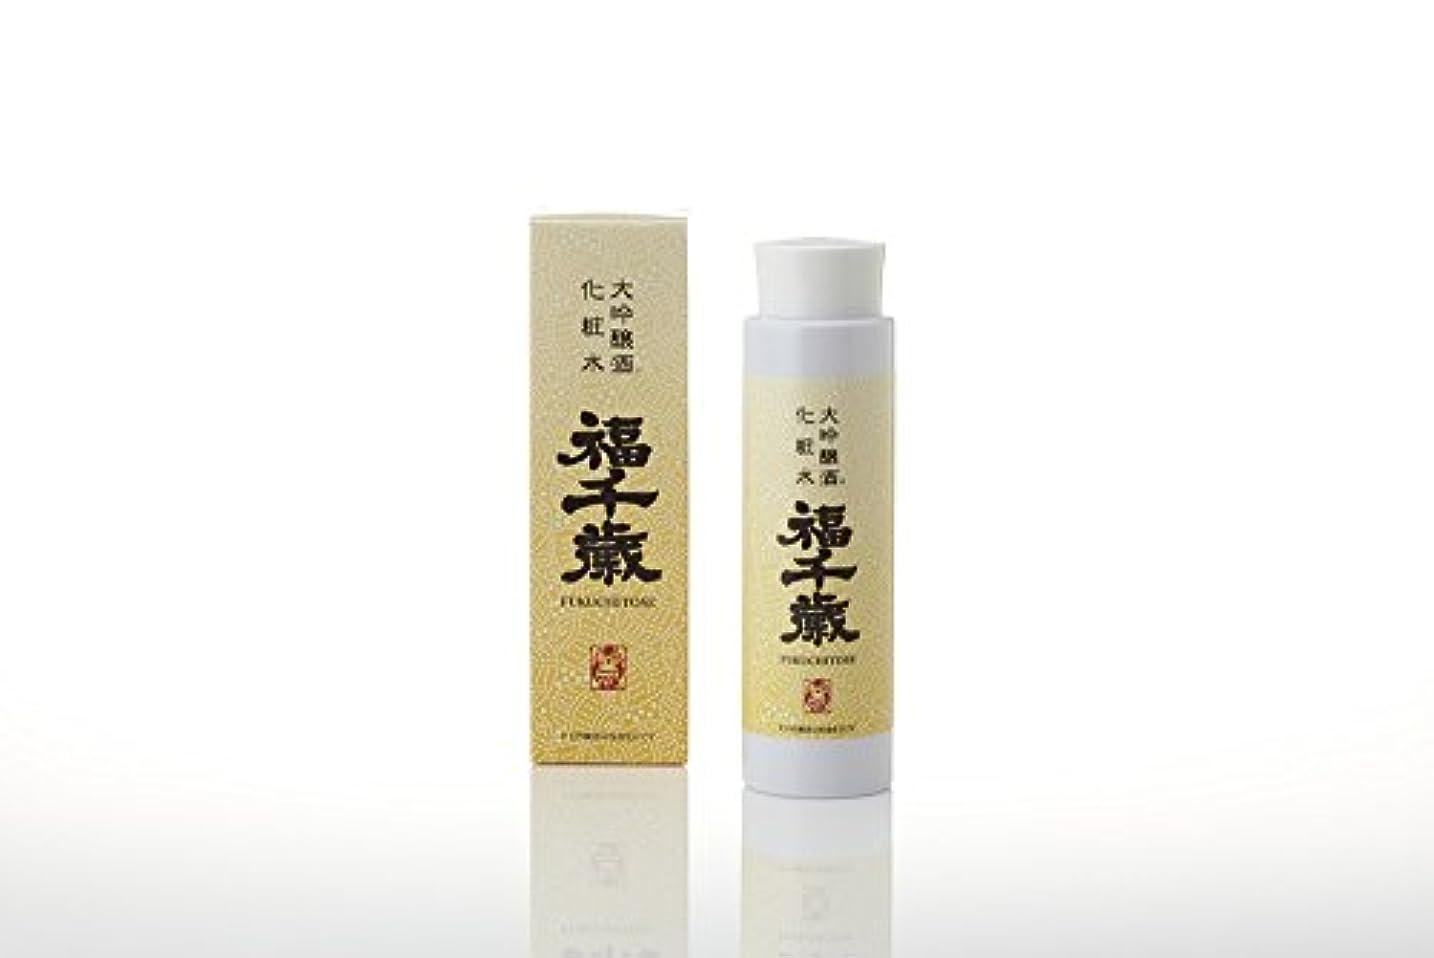 トラックピケ苦難福千歳 大吟醸酒化粧水150ml